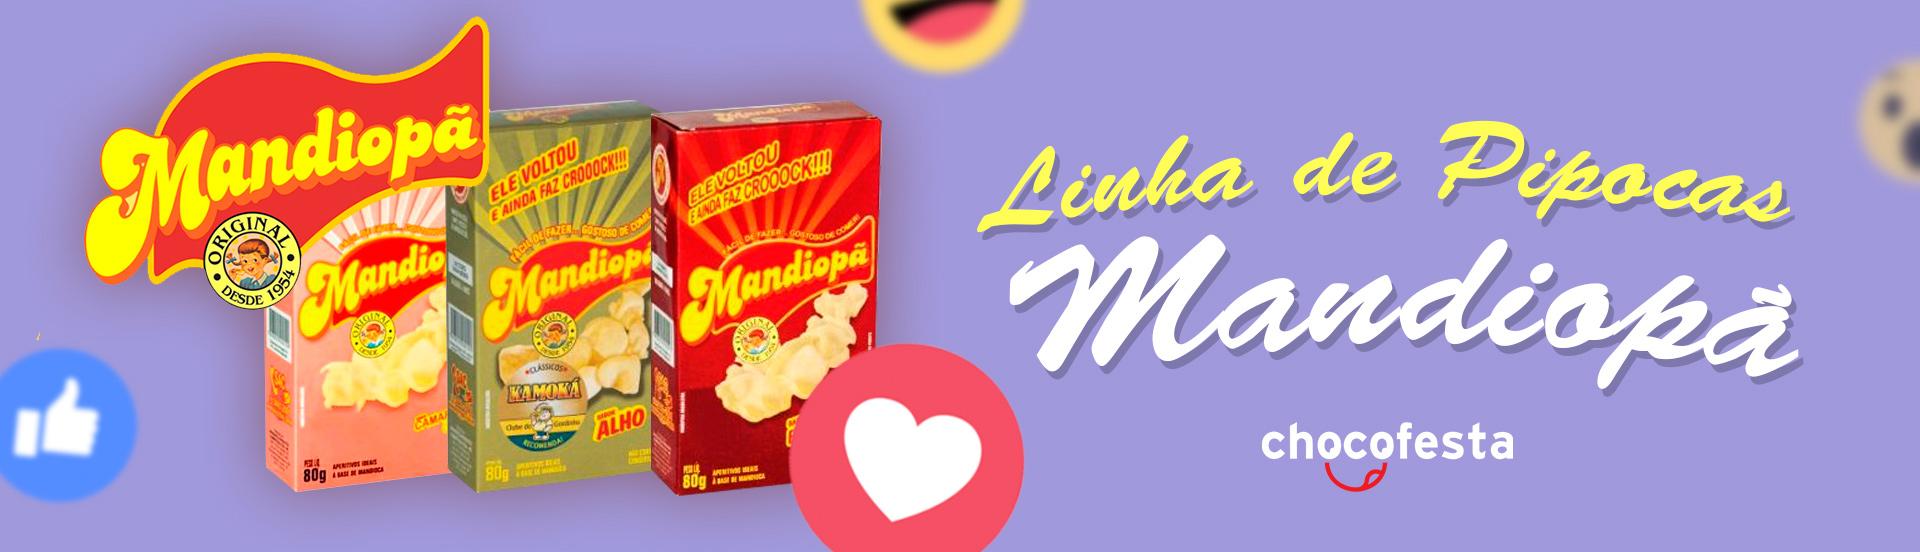 Mandiopã - produtos